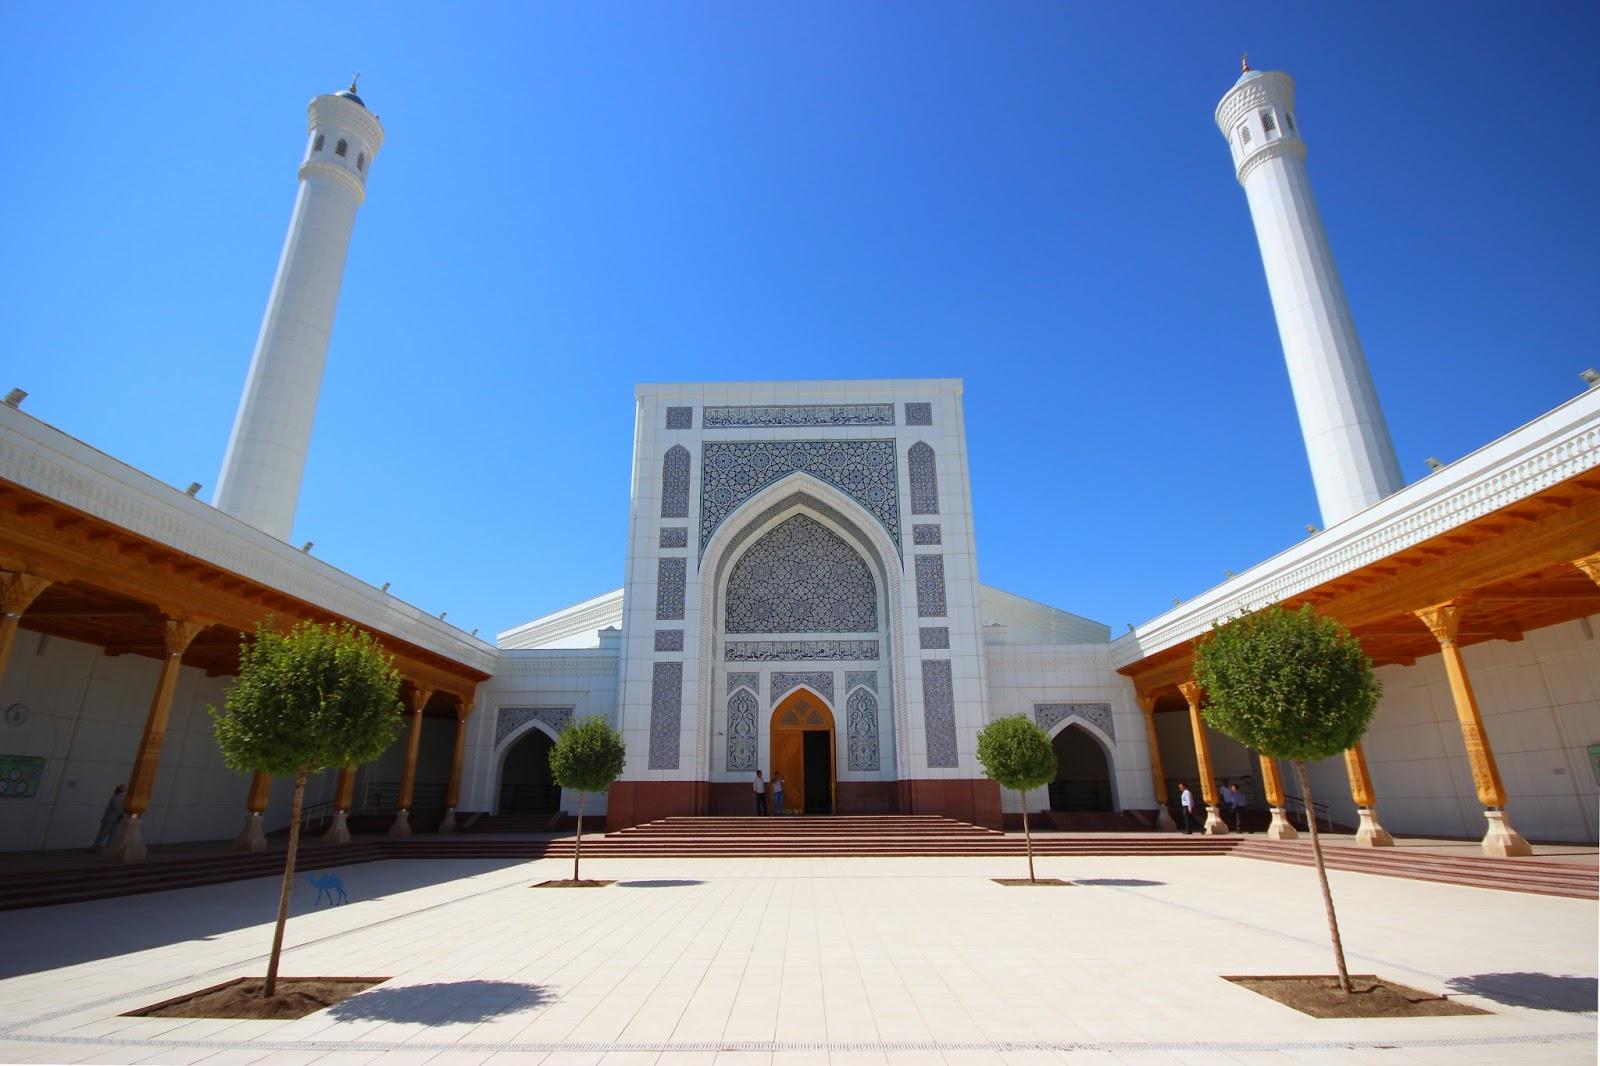 Le Chameau Bleu - Mosquée Blanche Minor - Tashkent Ouzbékistan